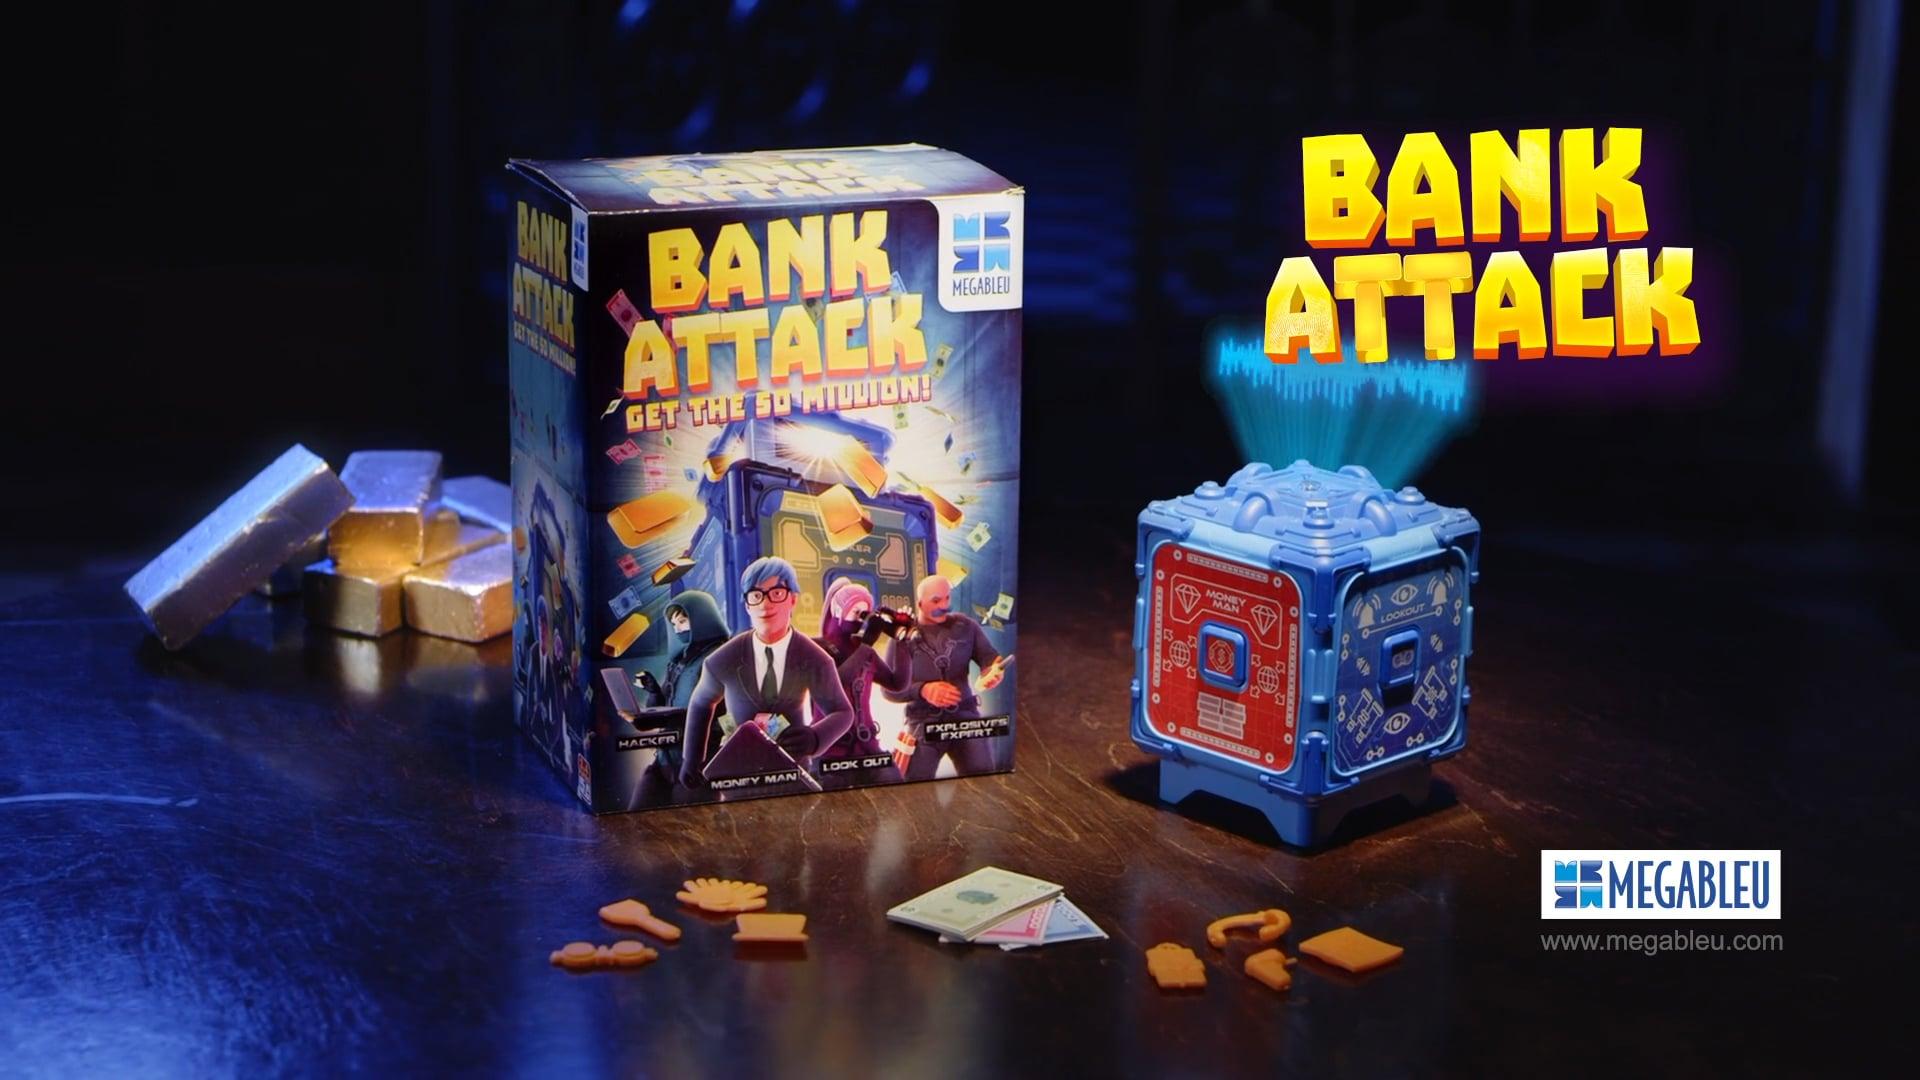 Megableu - Bank Attack